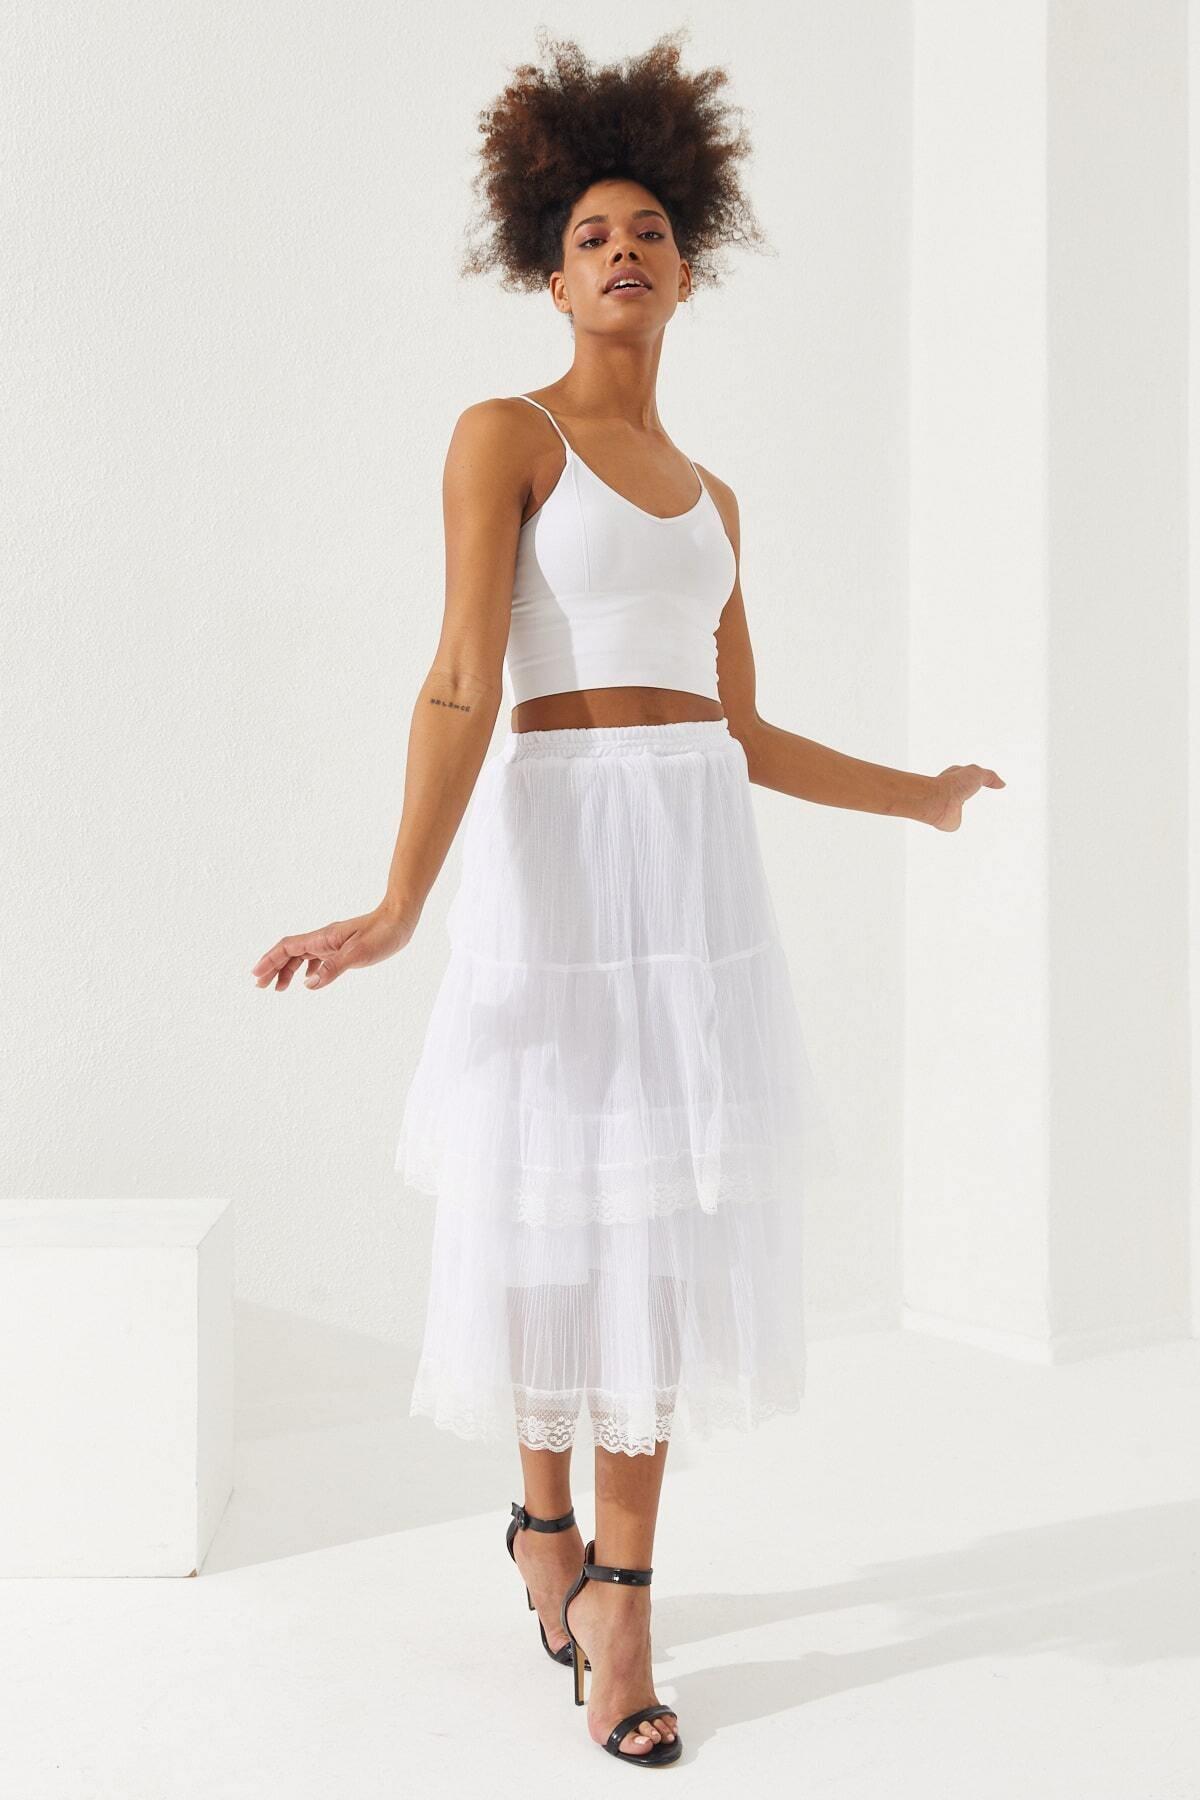 Women White Tulle Skirt Floor Floor Women Skirt Fashion Casual Sport